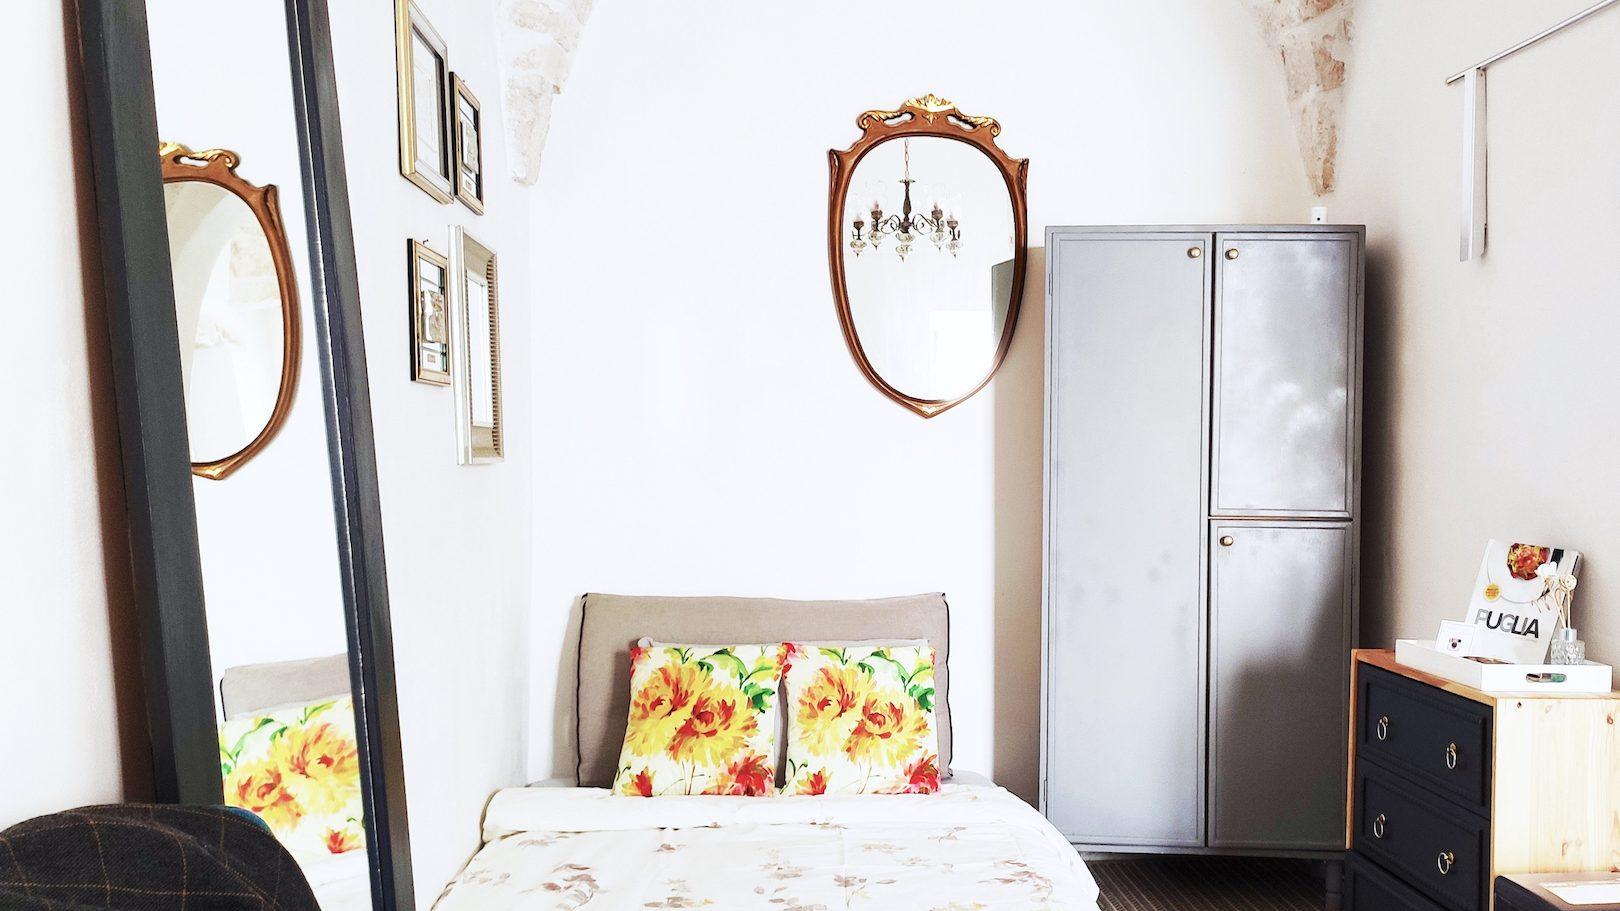 Sofa turned single bed in Casa dei Fiori holiday vacation rental home in Ostuni Puglia